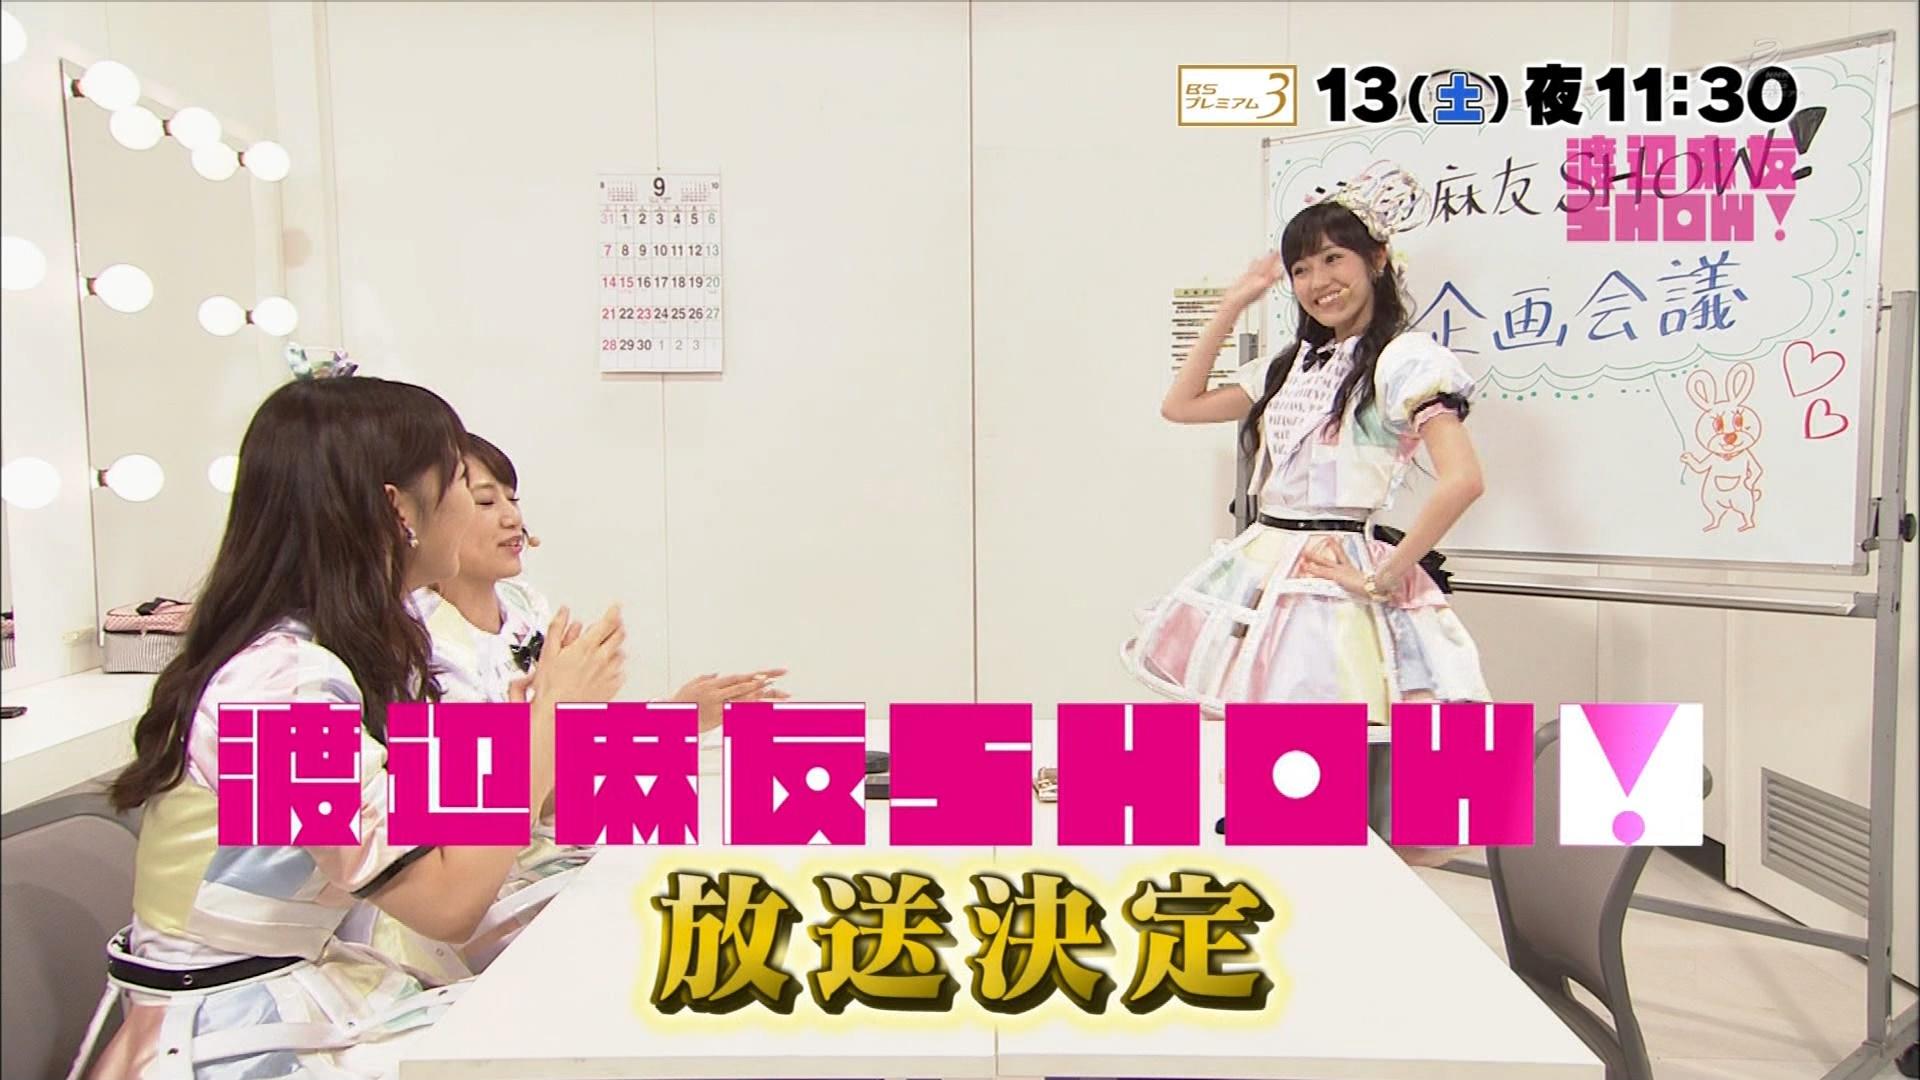 渡辺麻友SHOW!予告 AKB48SHOW! 20140906 (10)